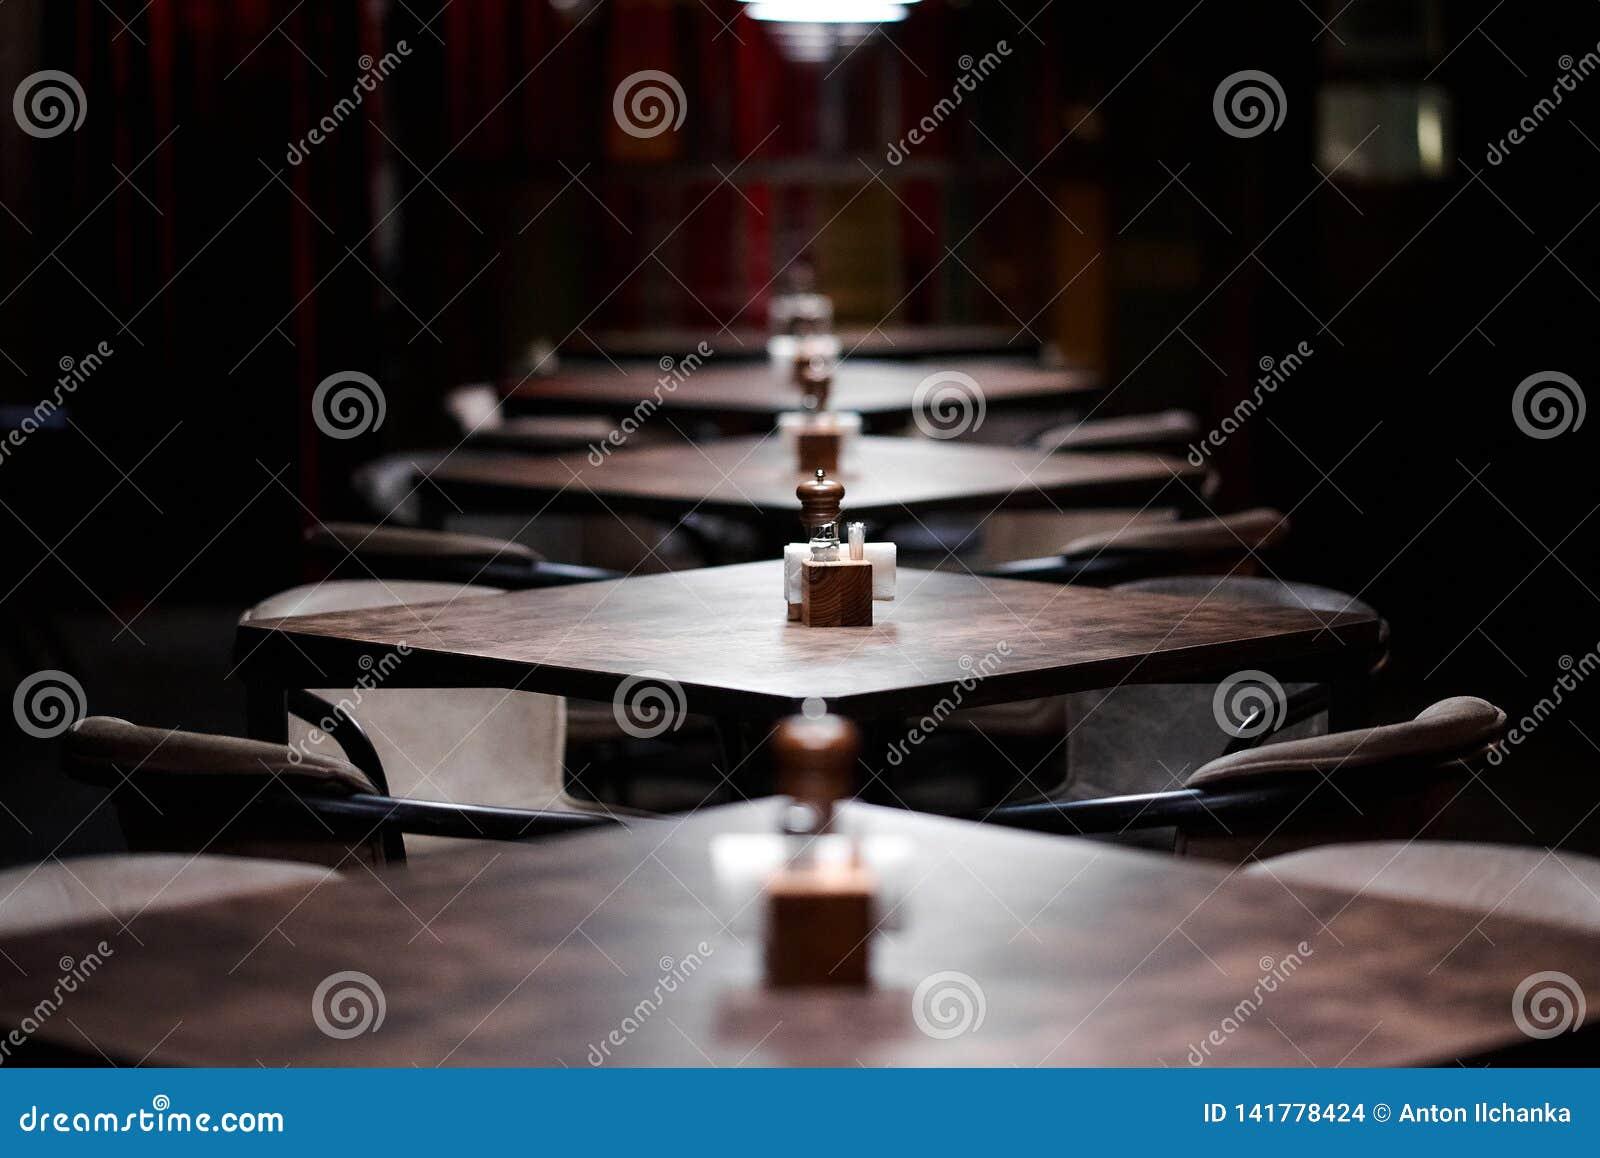 Tablas de madera de la barra en fila, con pimienta, coctelera de sal, palillos, trapos